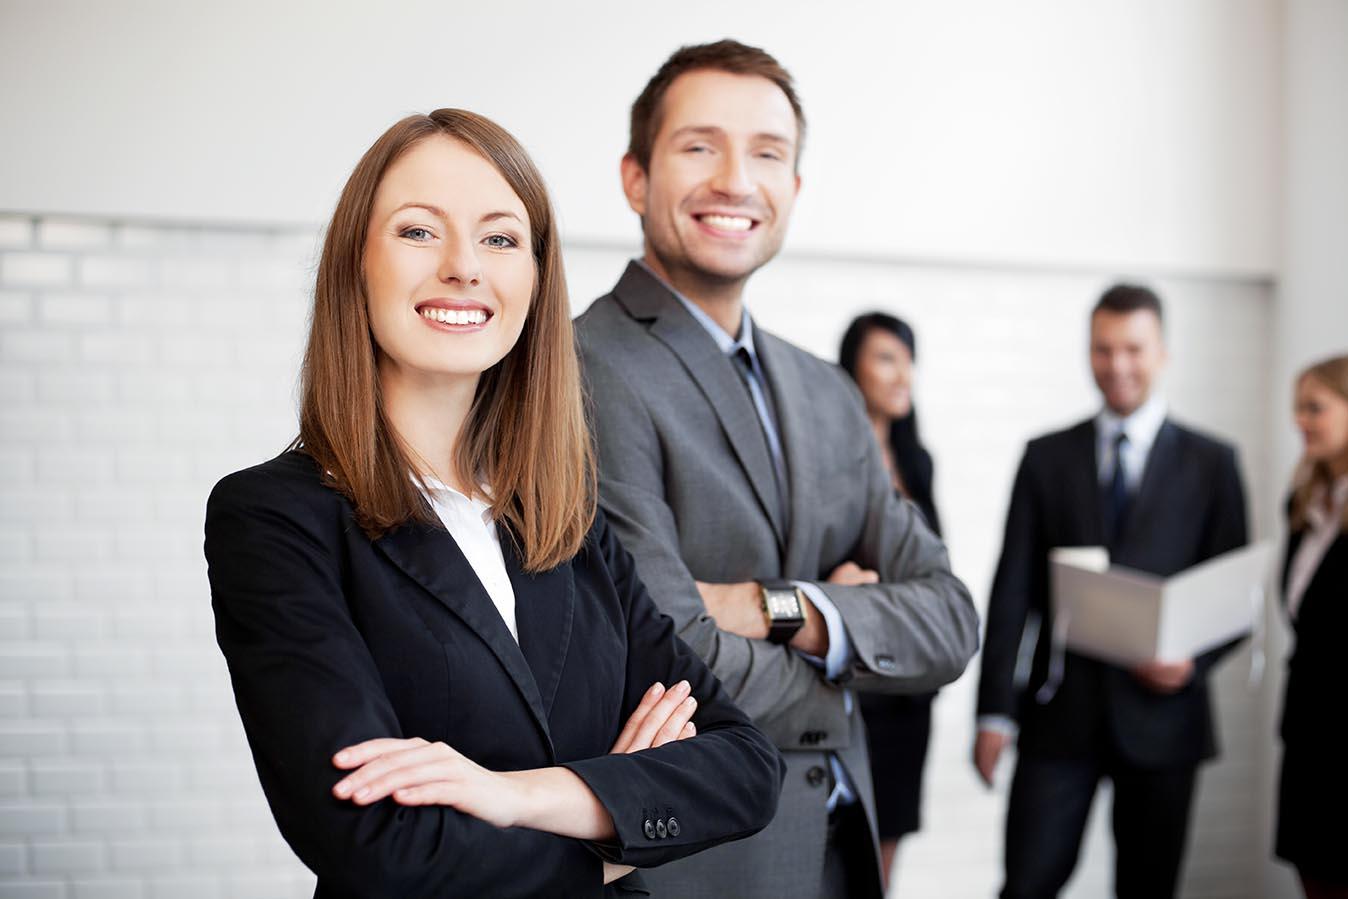 310 θέσεις εργασίας στον Ιδιωτικό Τομέα στην Ελλάδα